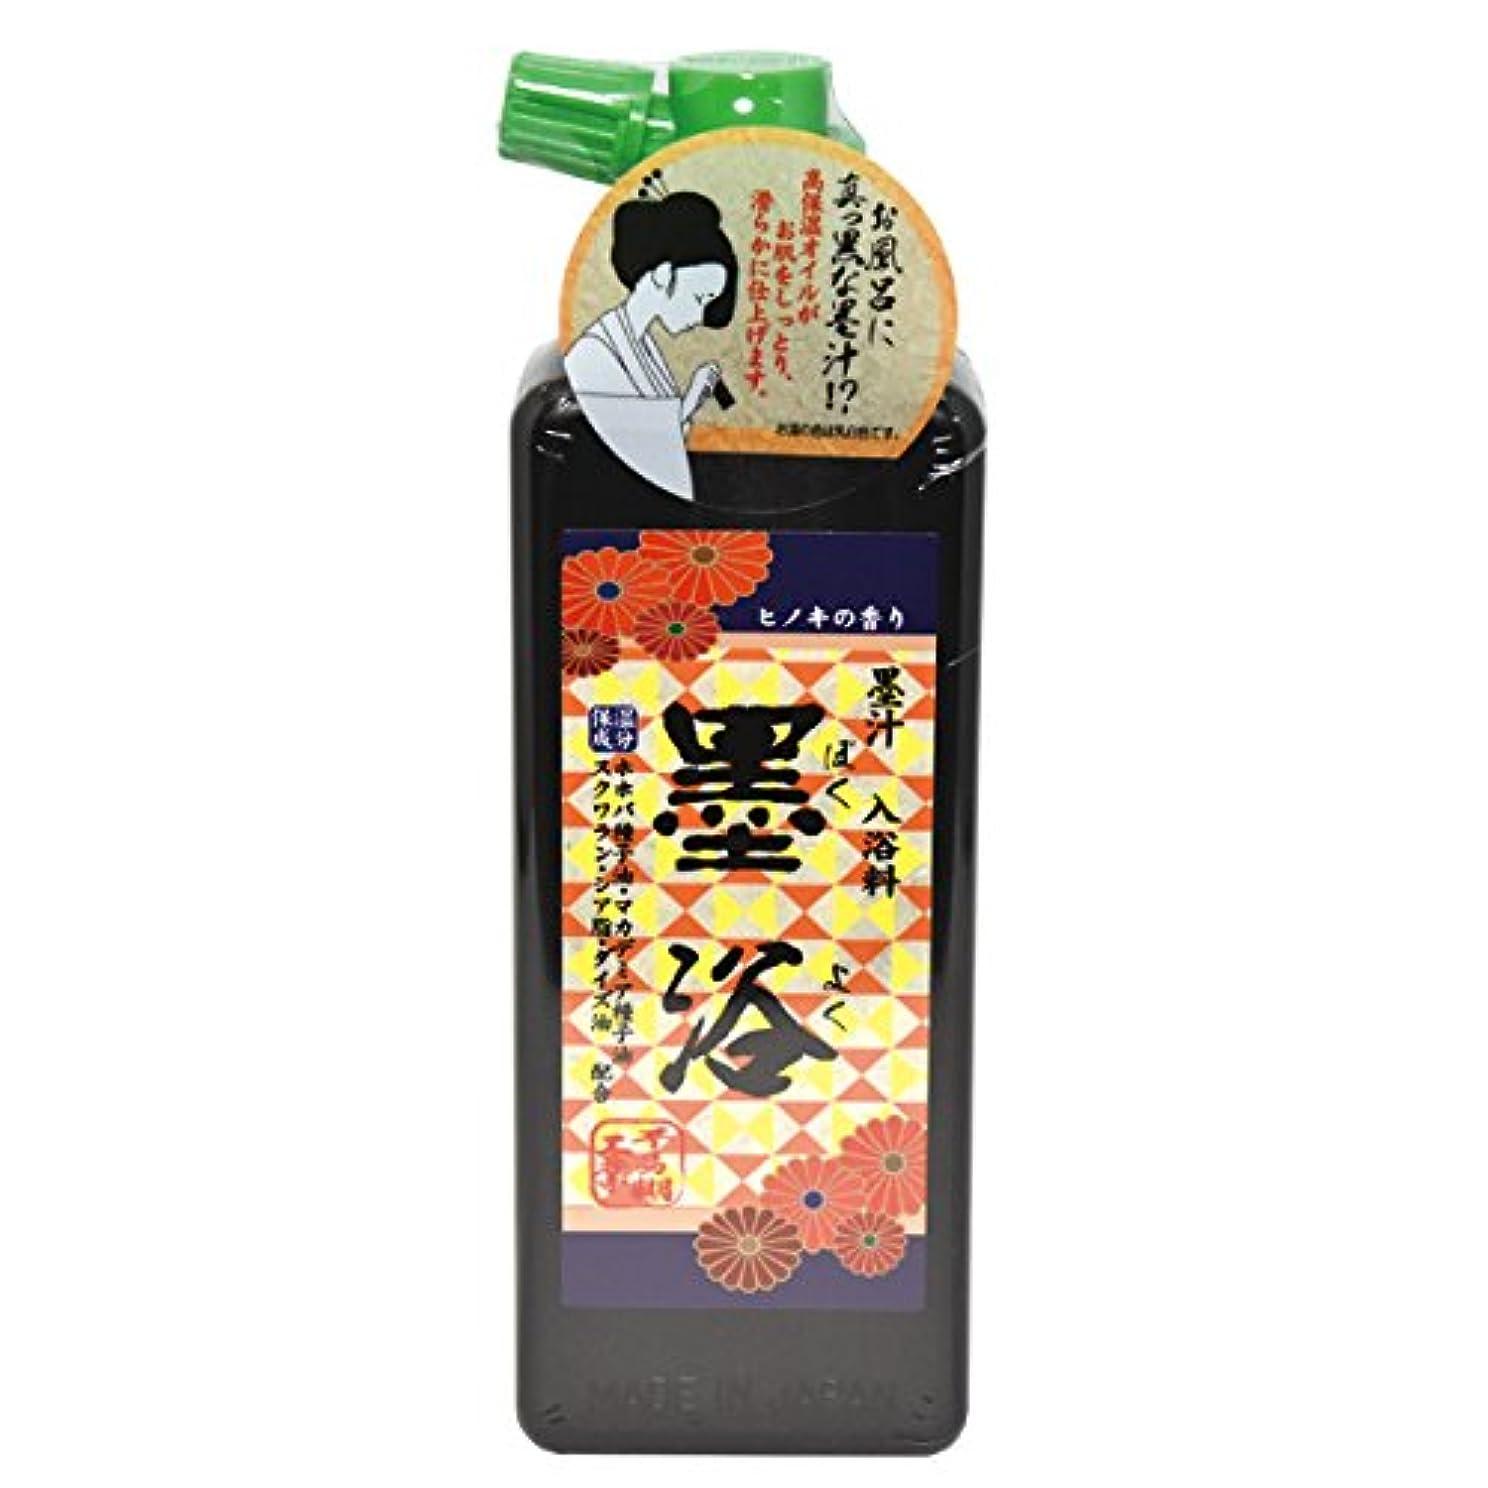 墨浴 ぼくよく 入浴料 ヒノキの香り 不易糊工業 BY20